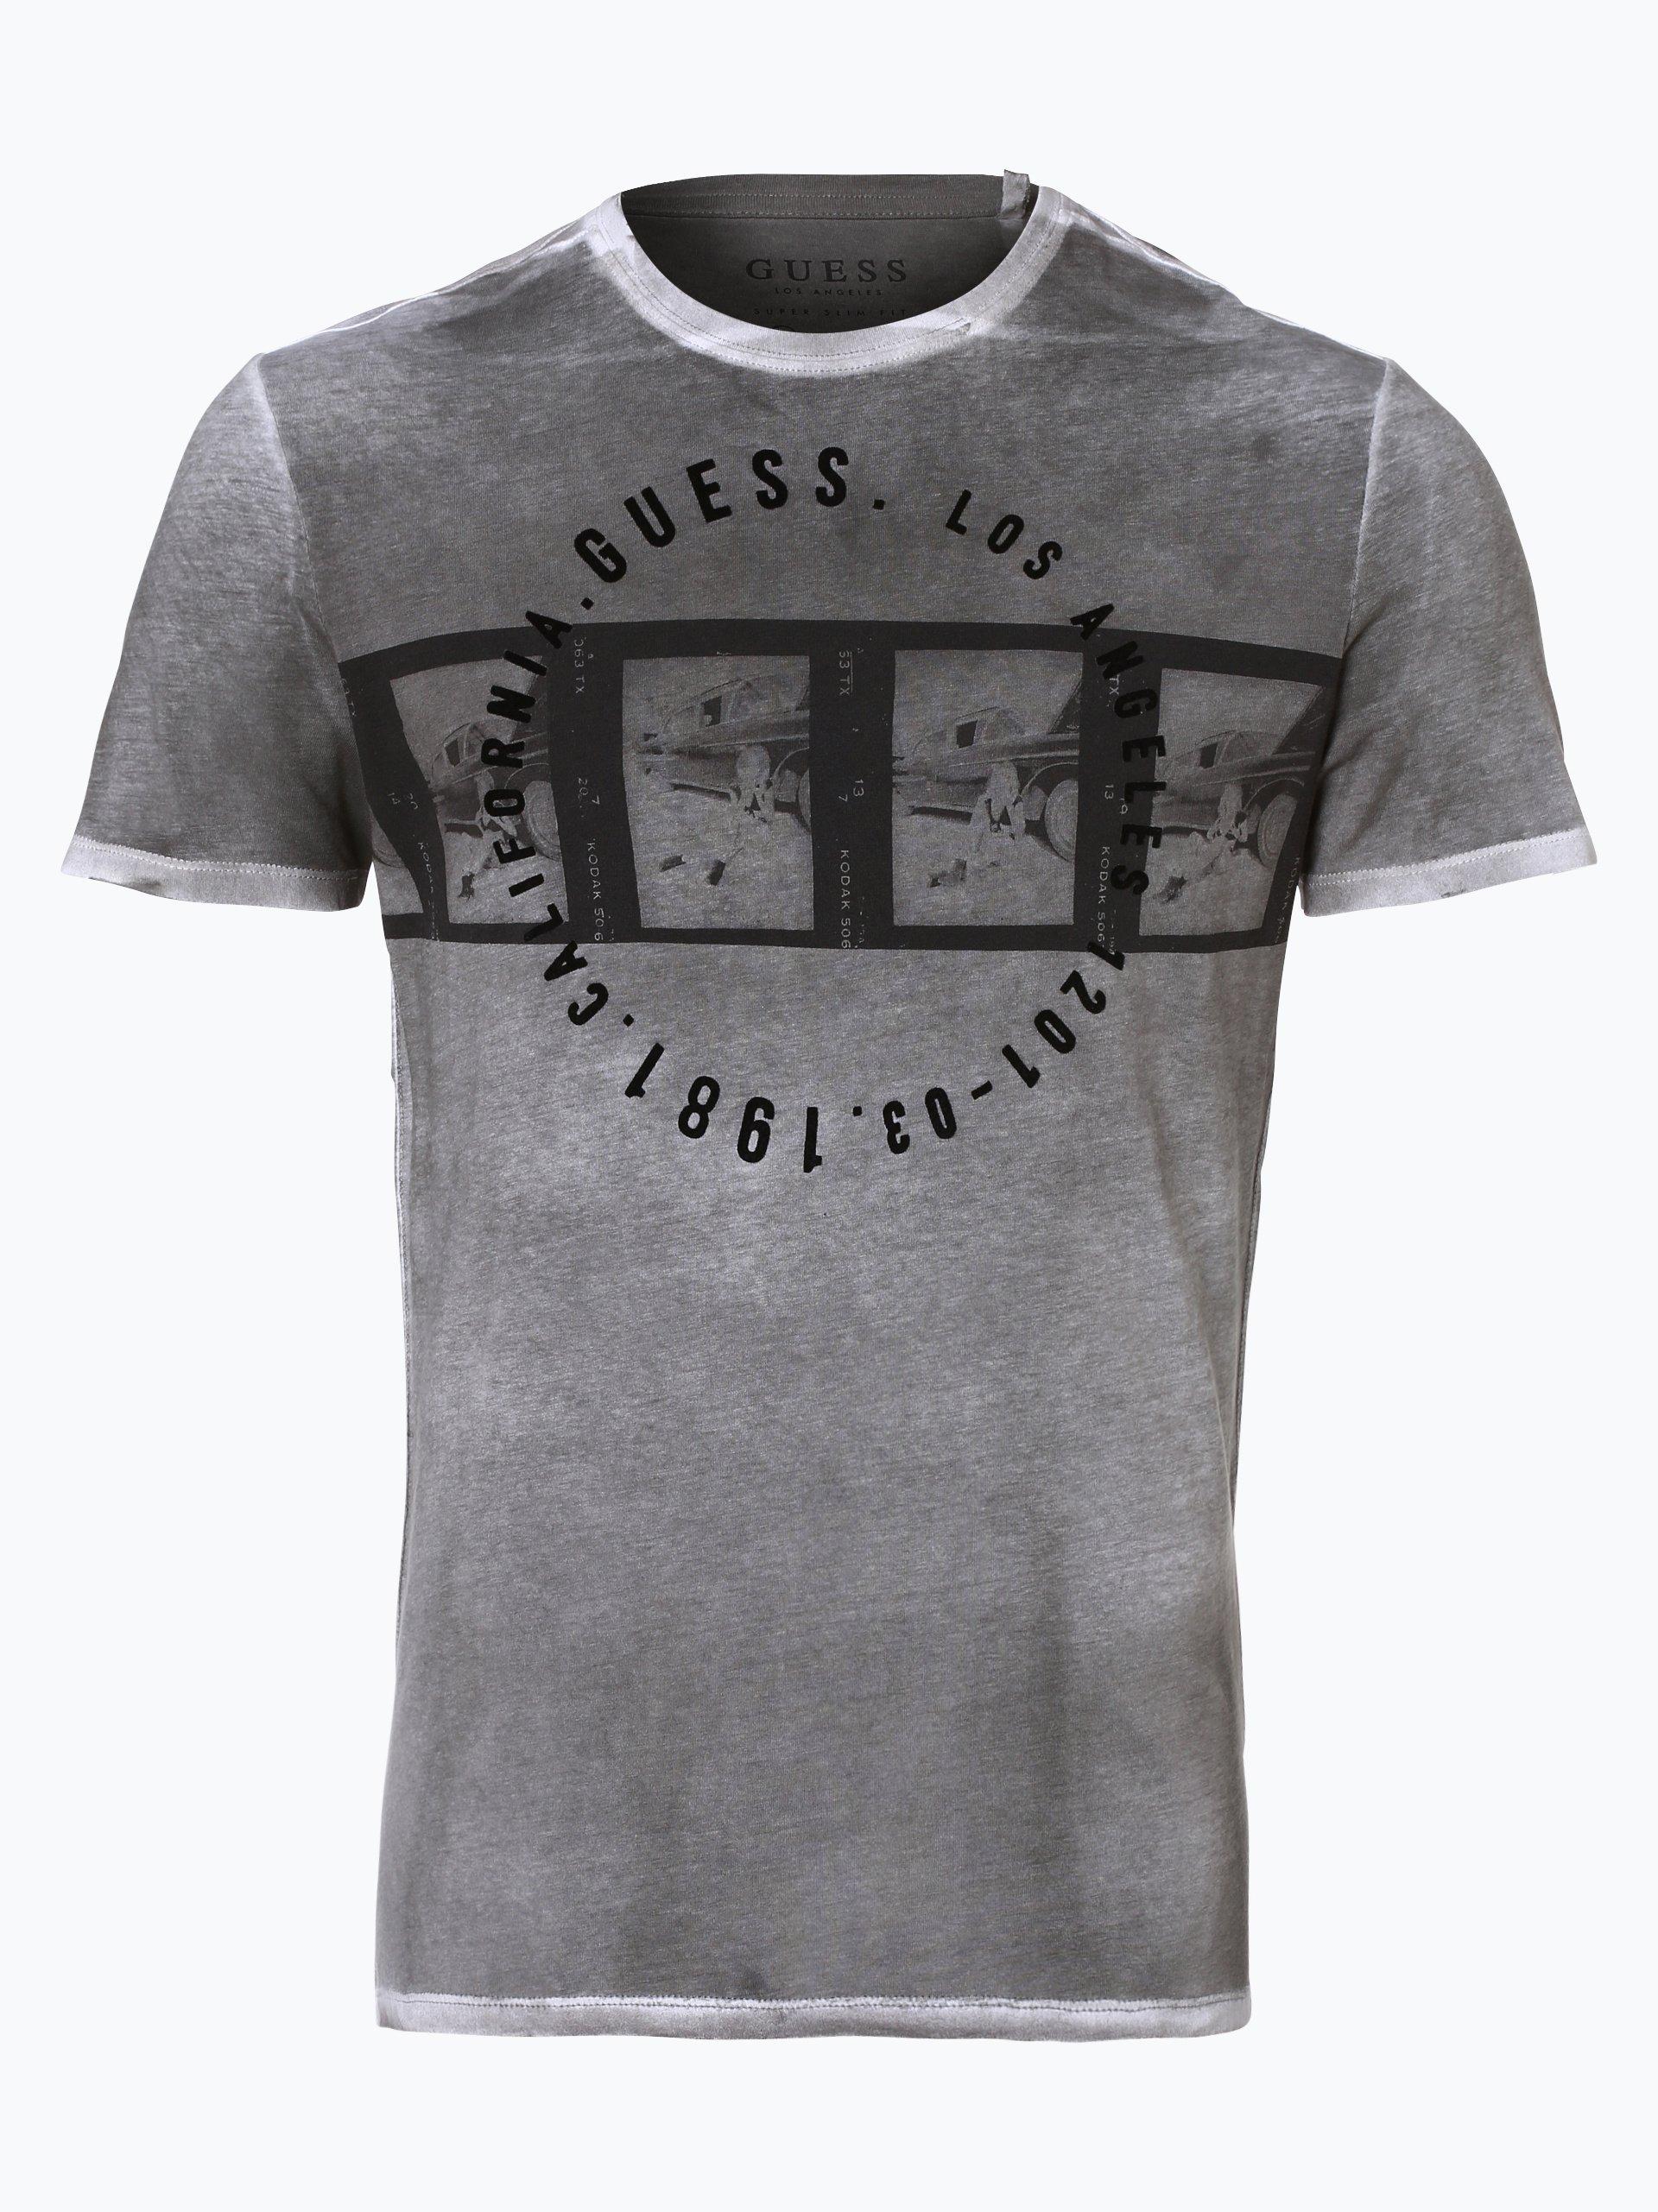 74b91cdcf6b85 Guess Jeans T-shirt męski kup online